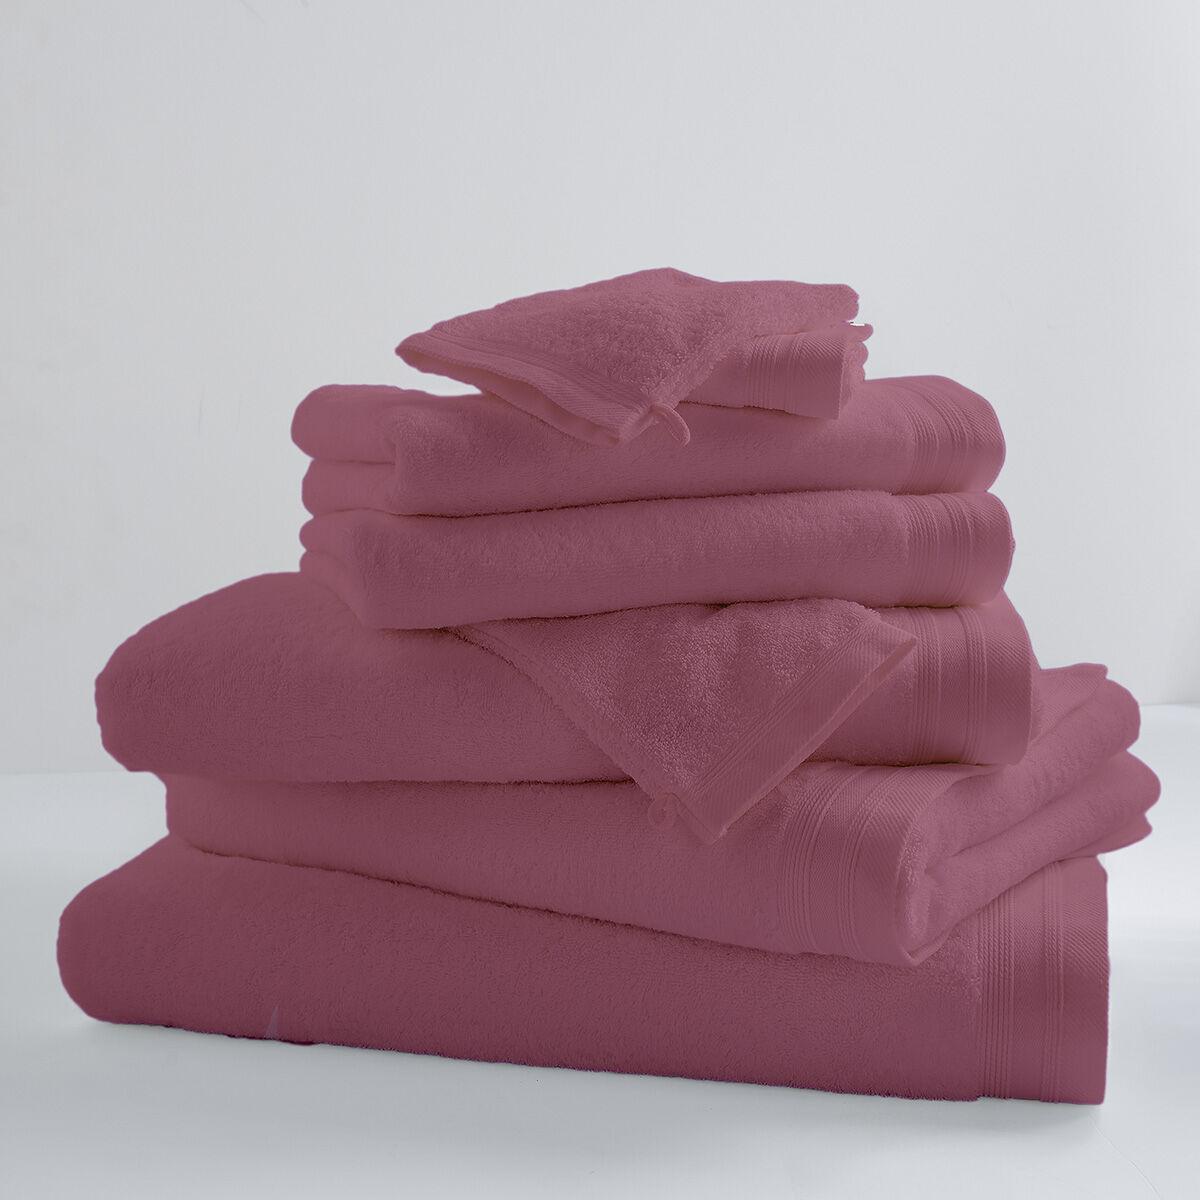 Home Bain Drap de bain uni et coloré coton rose 150x100